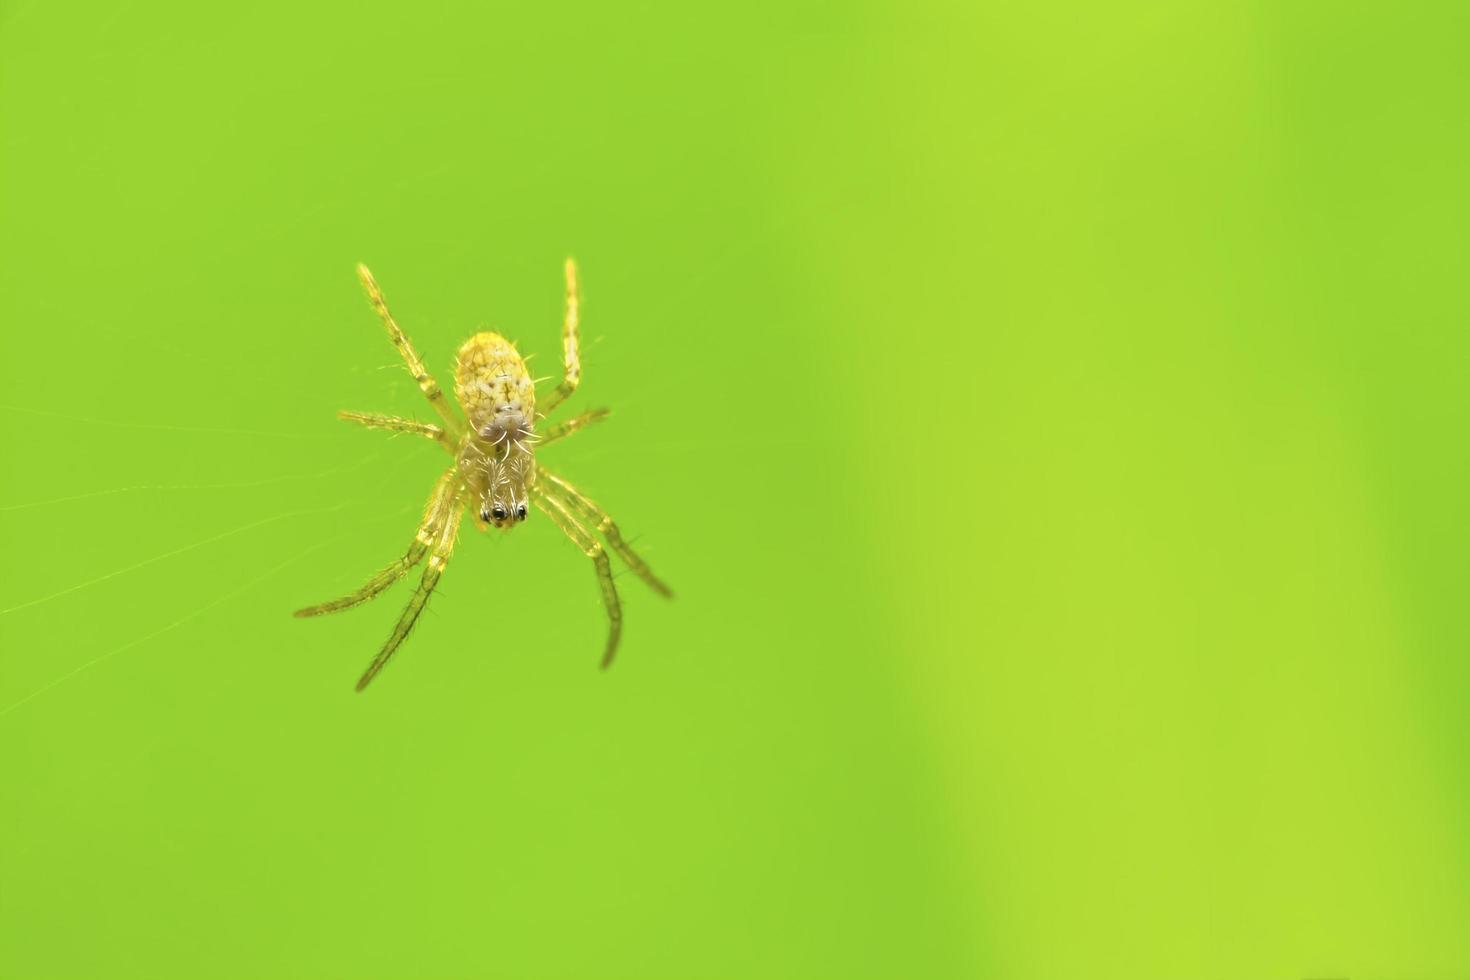 araignée sur toile d'araignée et fond vert photo